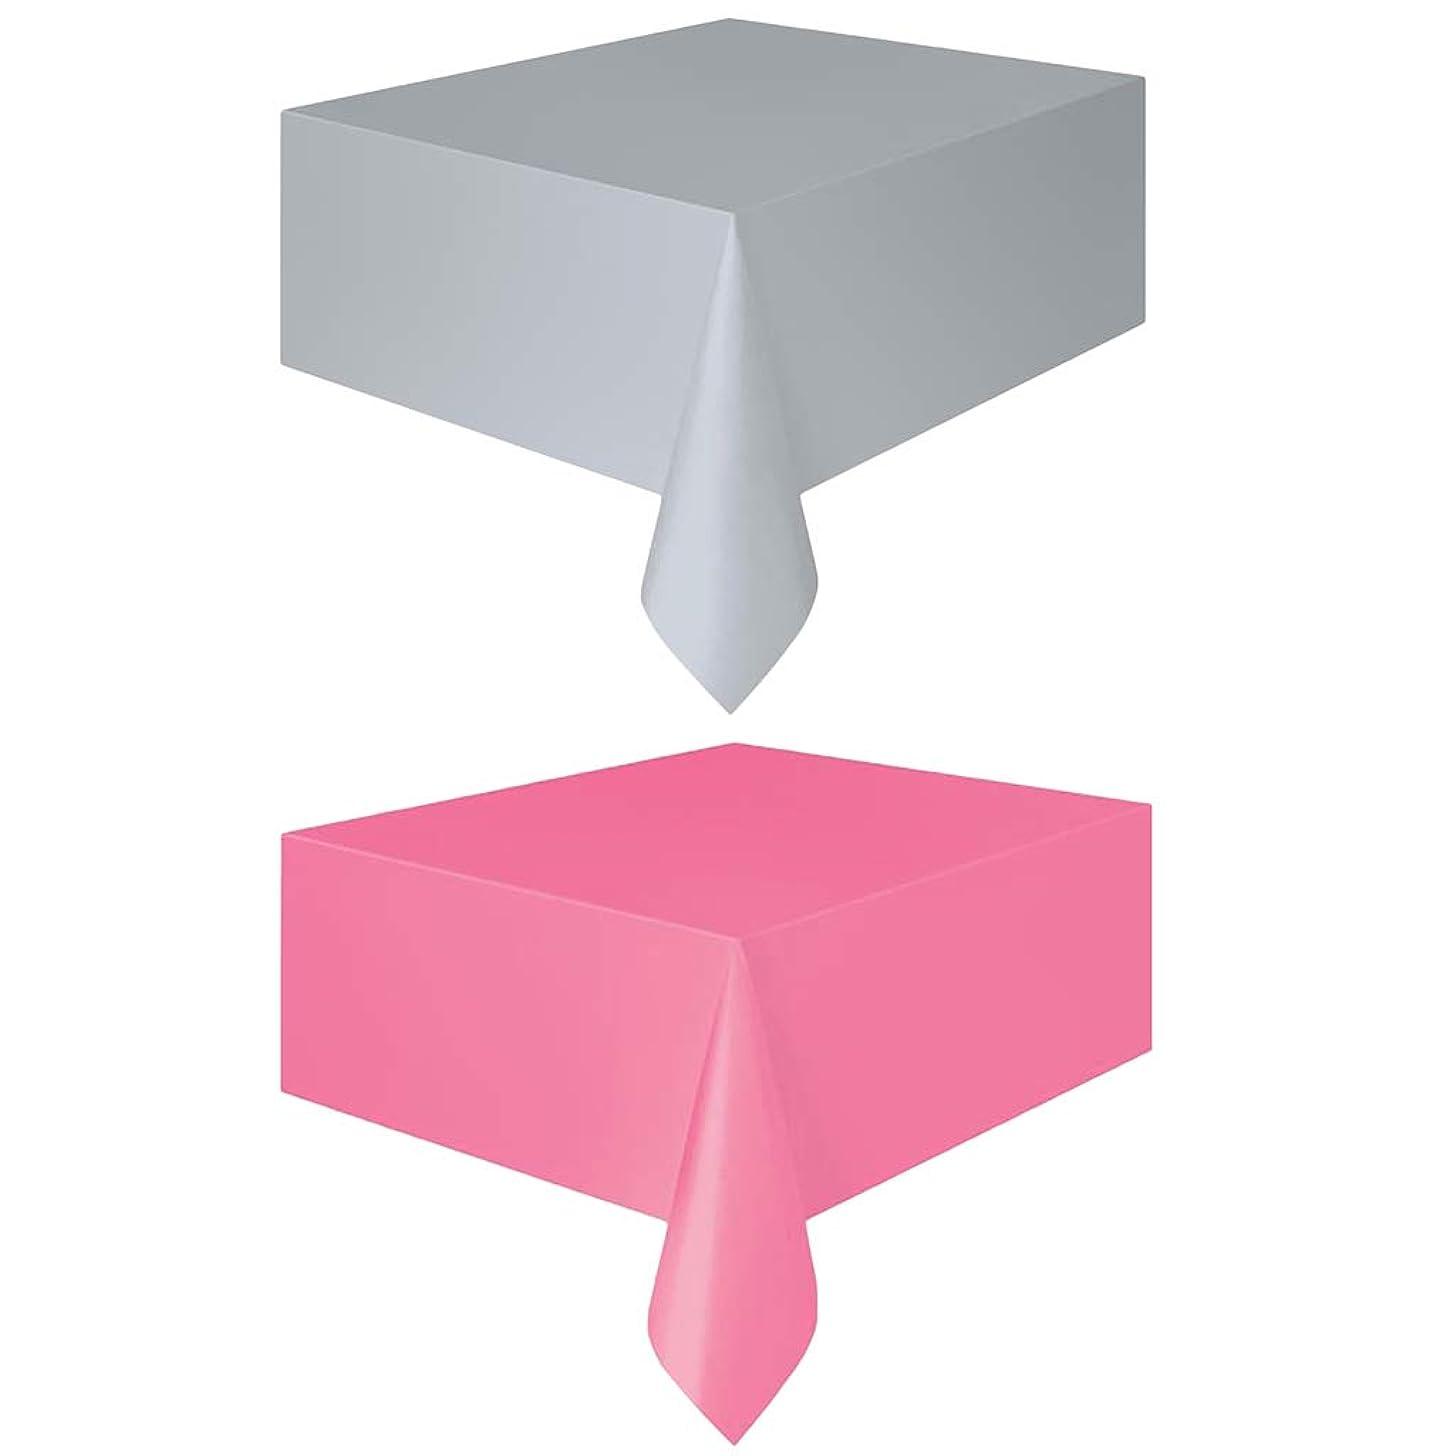 揮発性氏差別的全2タイプ 広告背景布 テーブルカバー 会議室用 テーブルクロスの外側 防水 - ピンク+シルバー